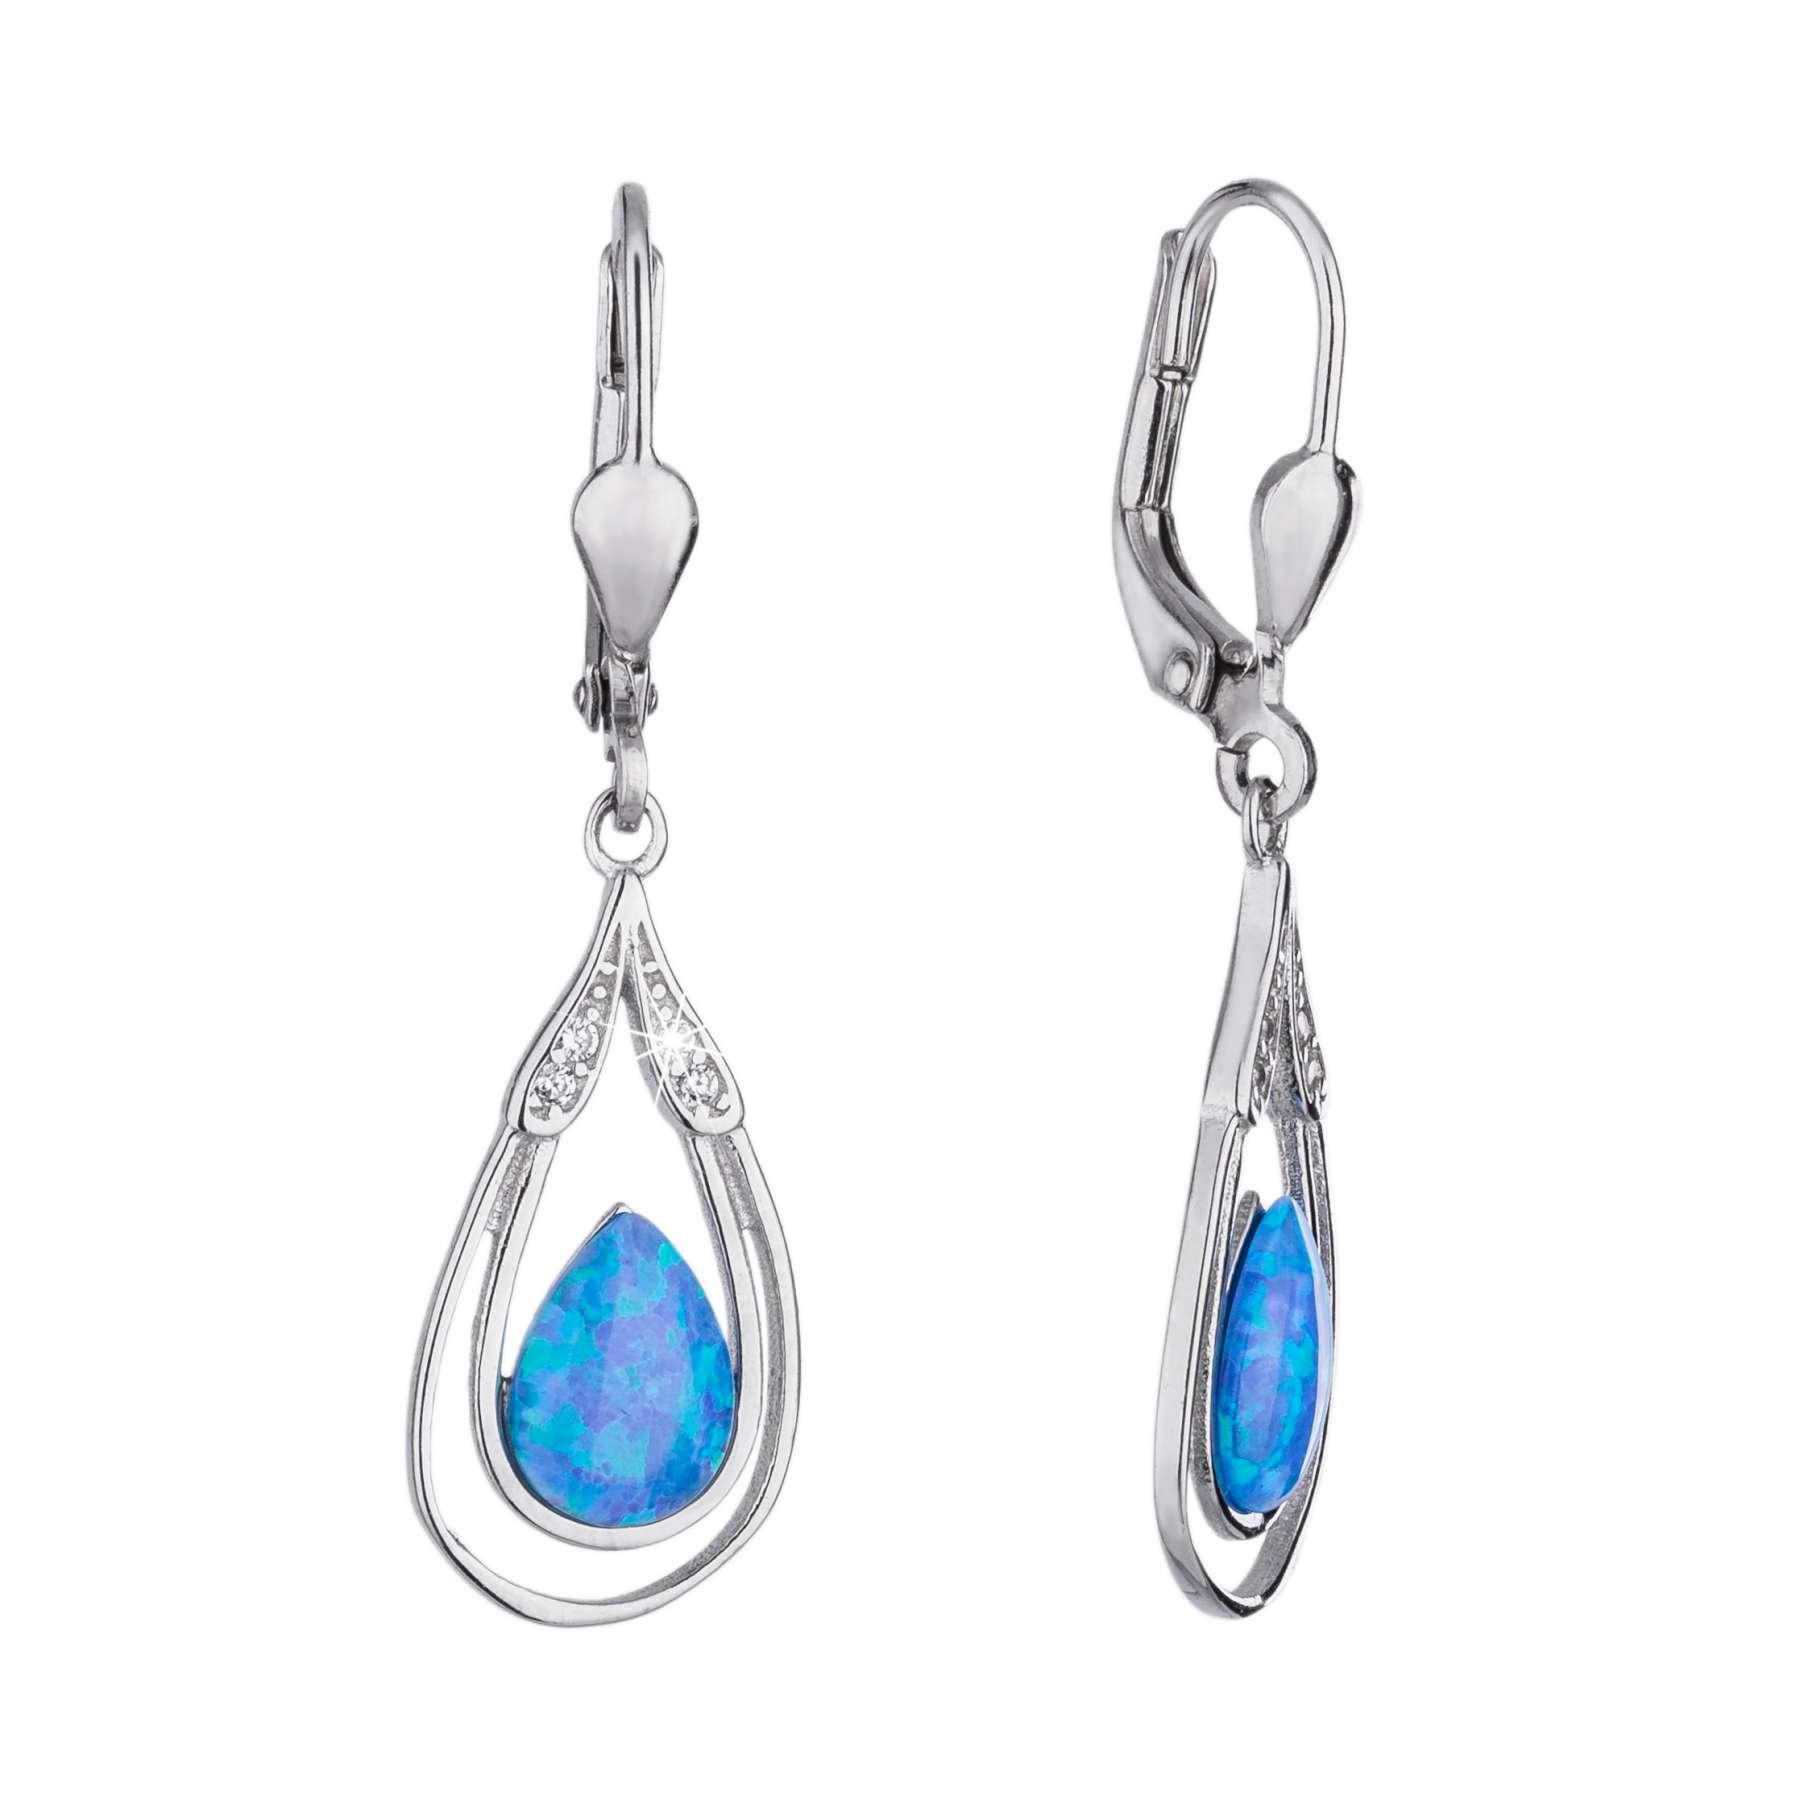 c3fdfec27 Visací stříbrné náušnice ve tvaru kapky s velkými modrými opály a bílými  zirkony, klasické zapínání